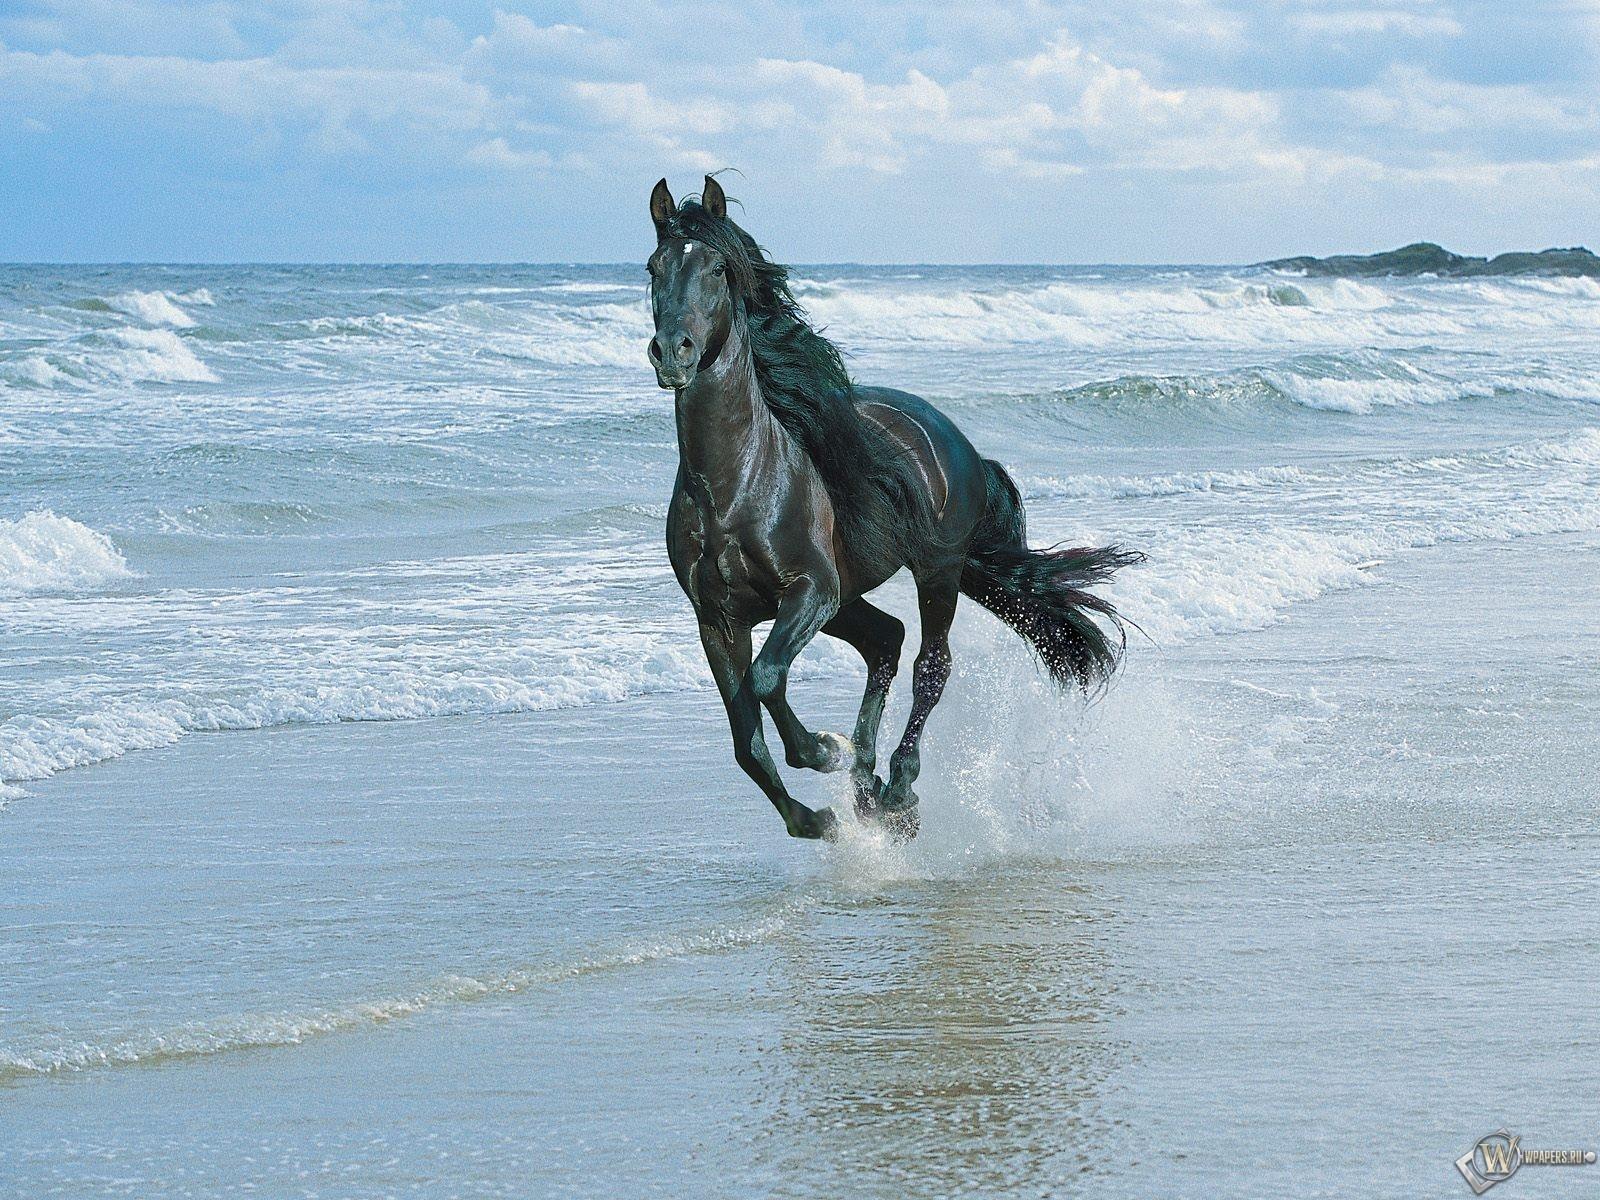 Черный конь бегущий по берегу 1600x1200